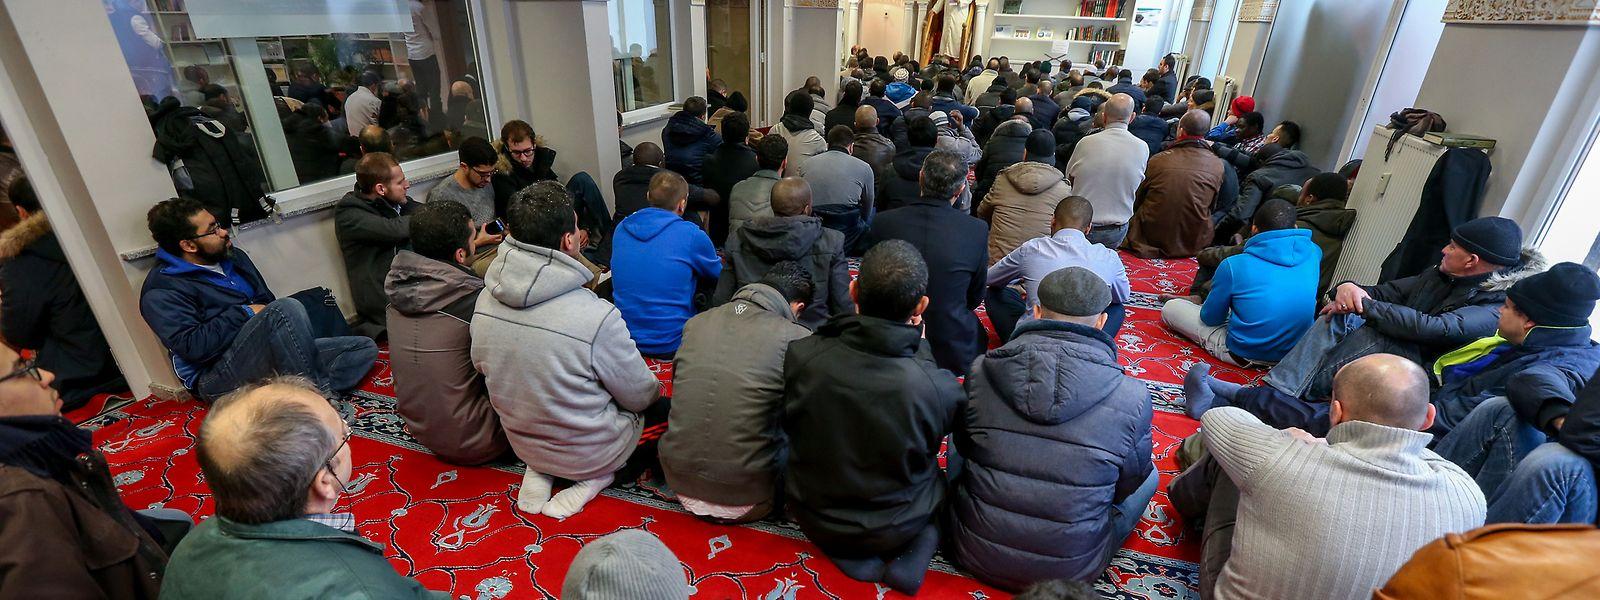 La communauté musulmane ne pourra fêter, à la mosquée, la fin du ramadan.